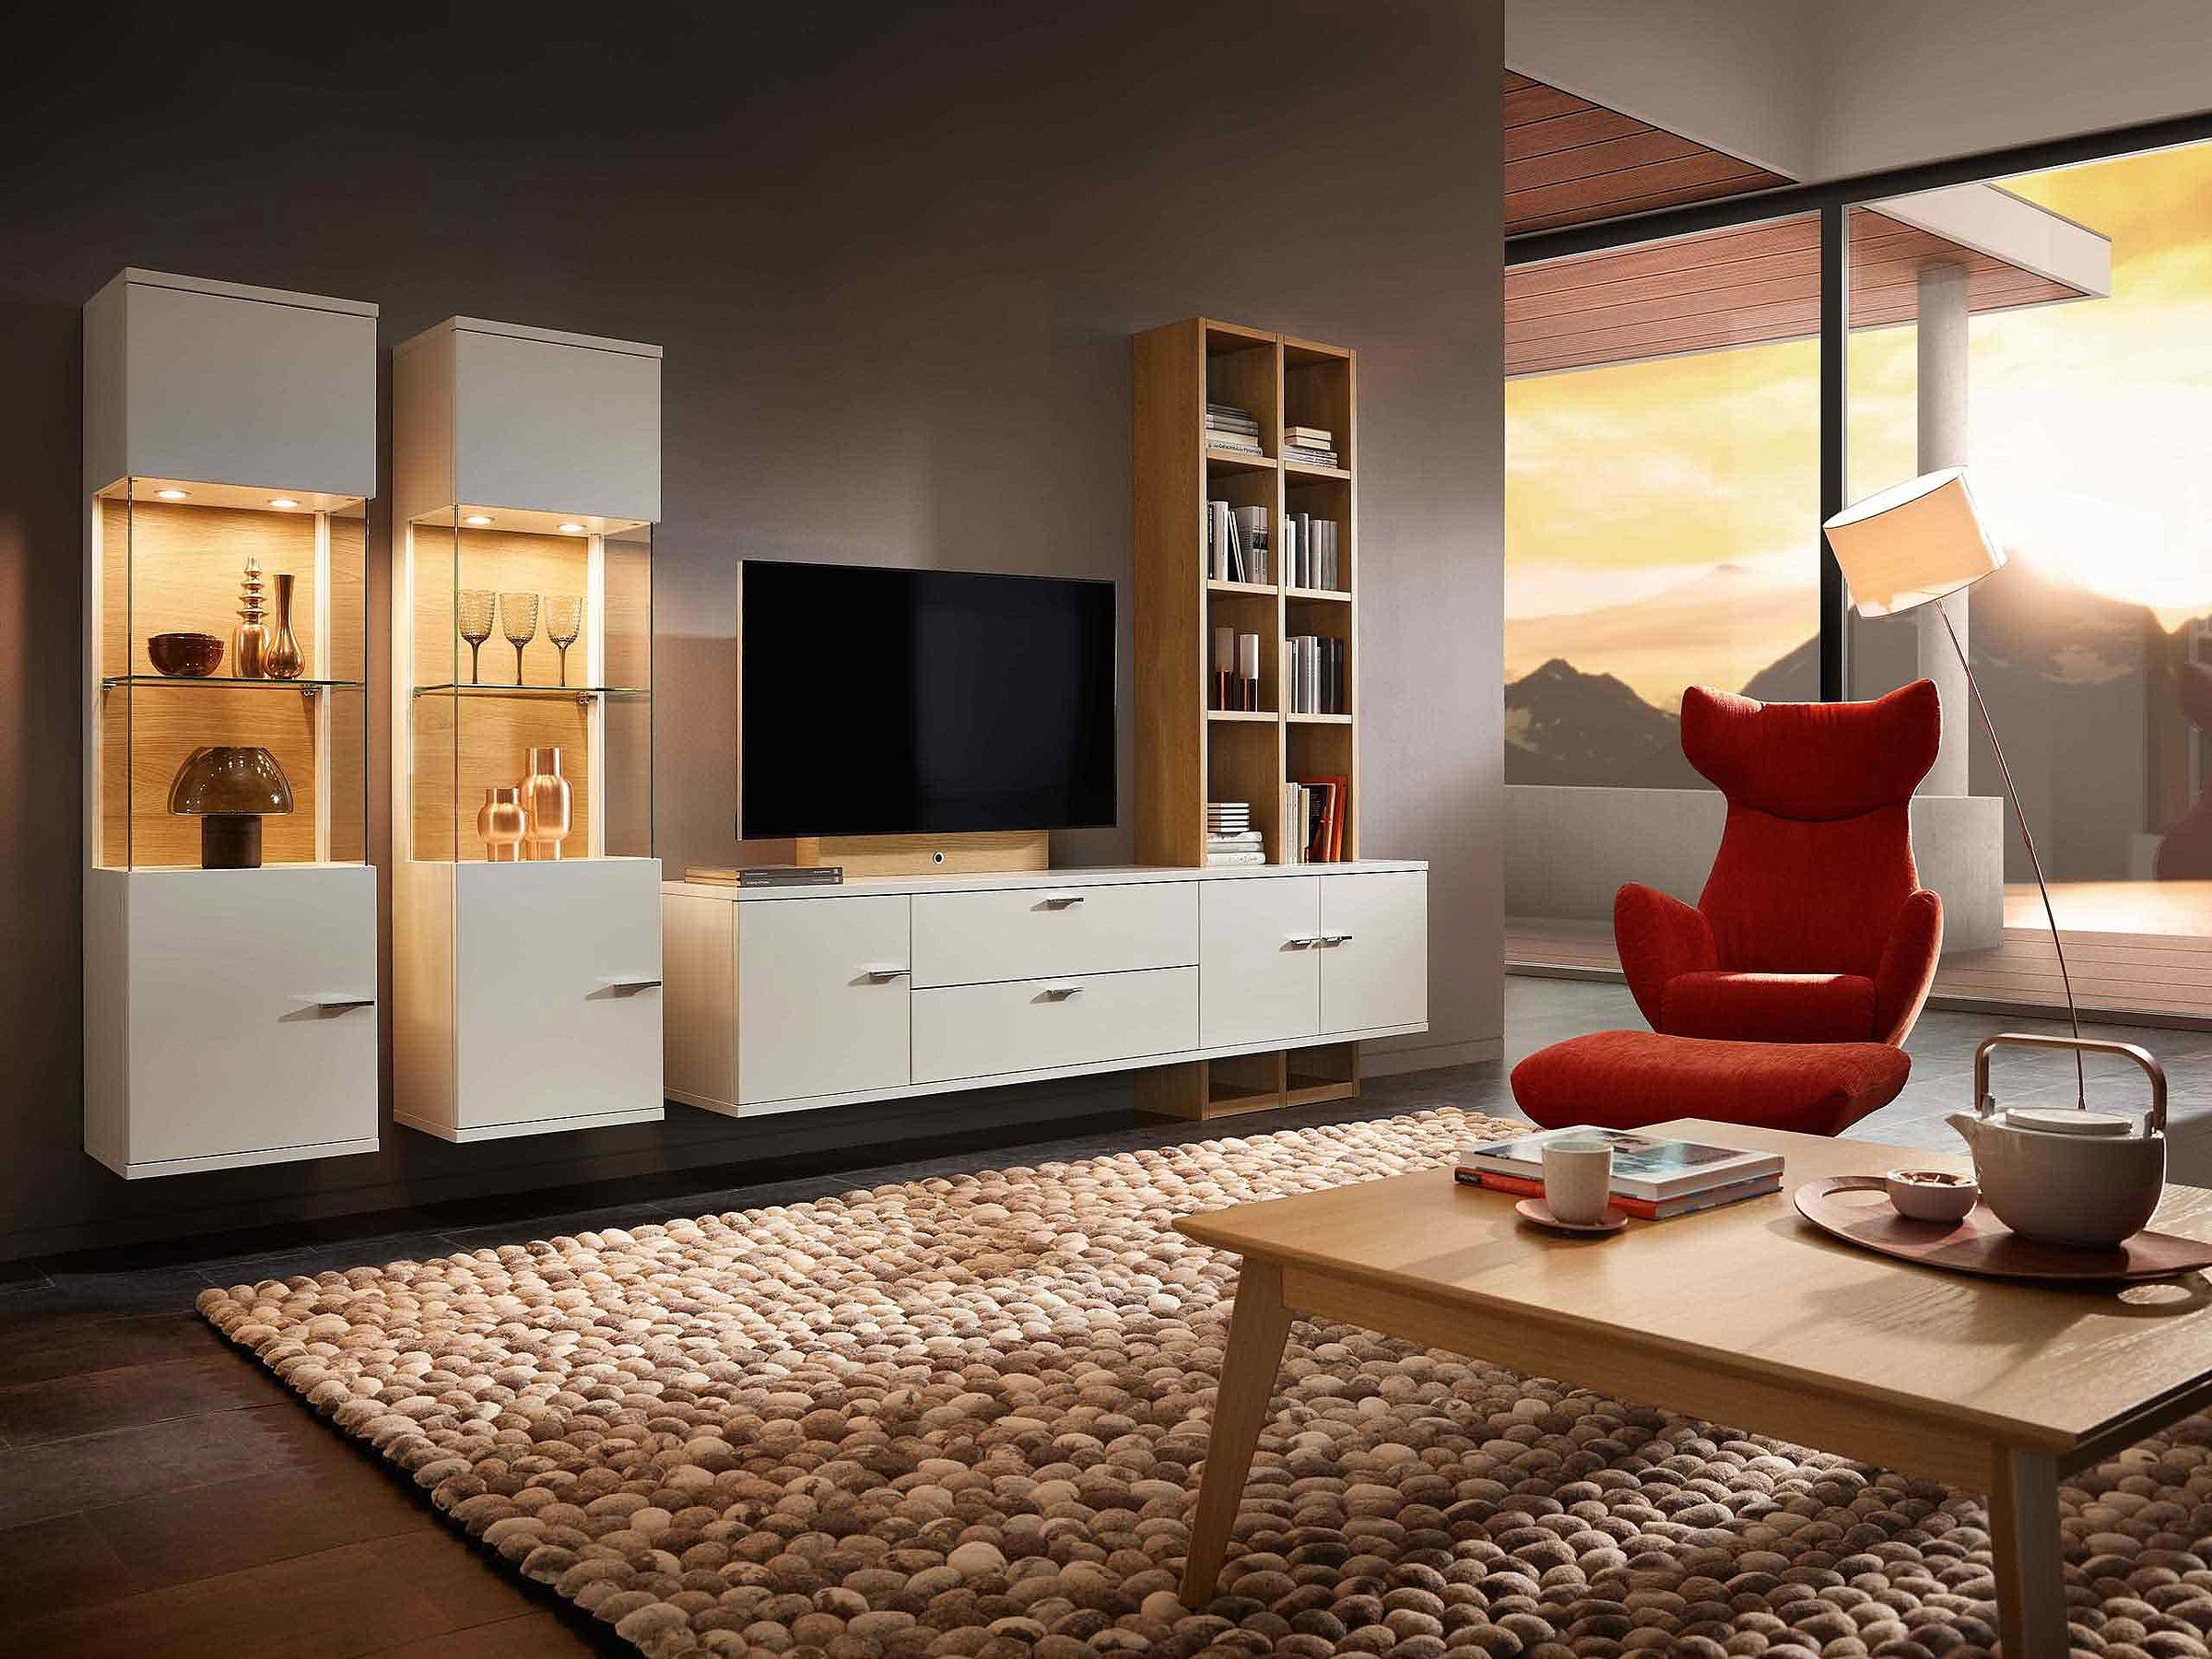 Wohnwand Couchtisch Wohnzimmer Holz Eiche sand Lavita